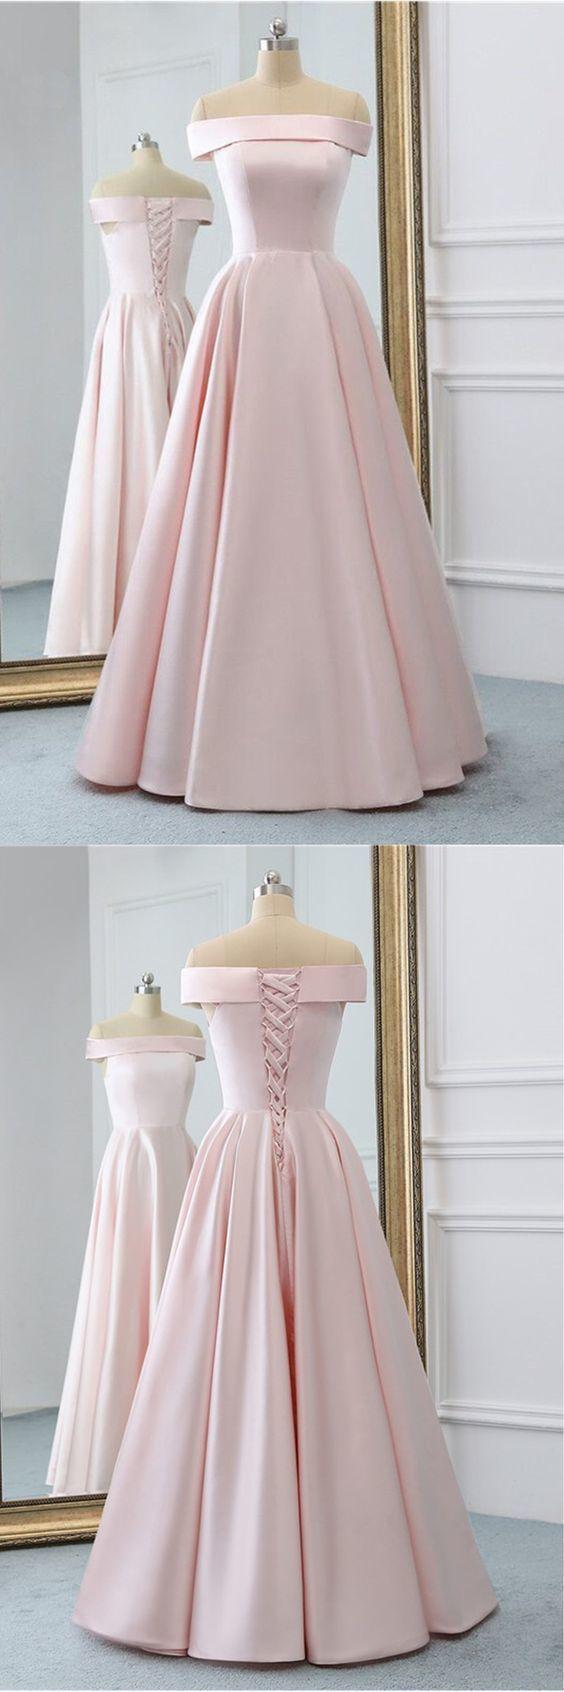 Rosa Satin Langes Abendkleid Mit Taschen, Rosa Abendkleider